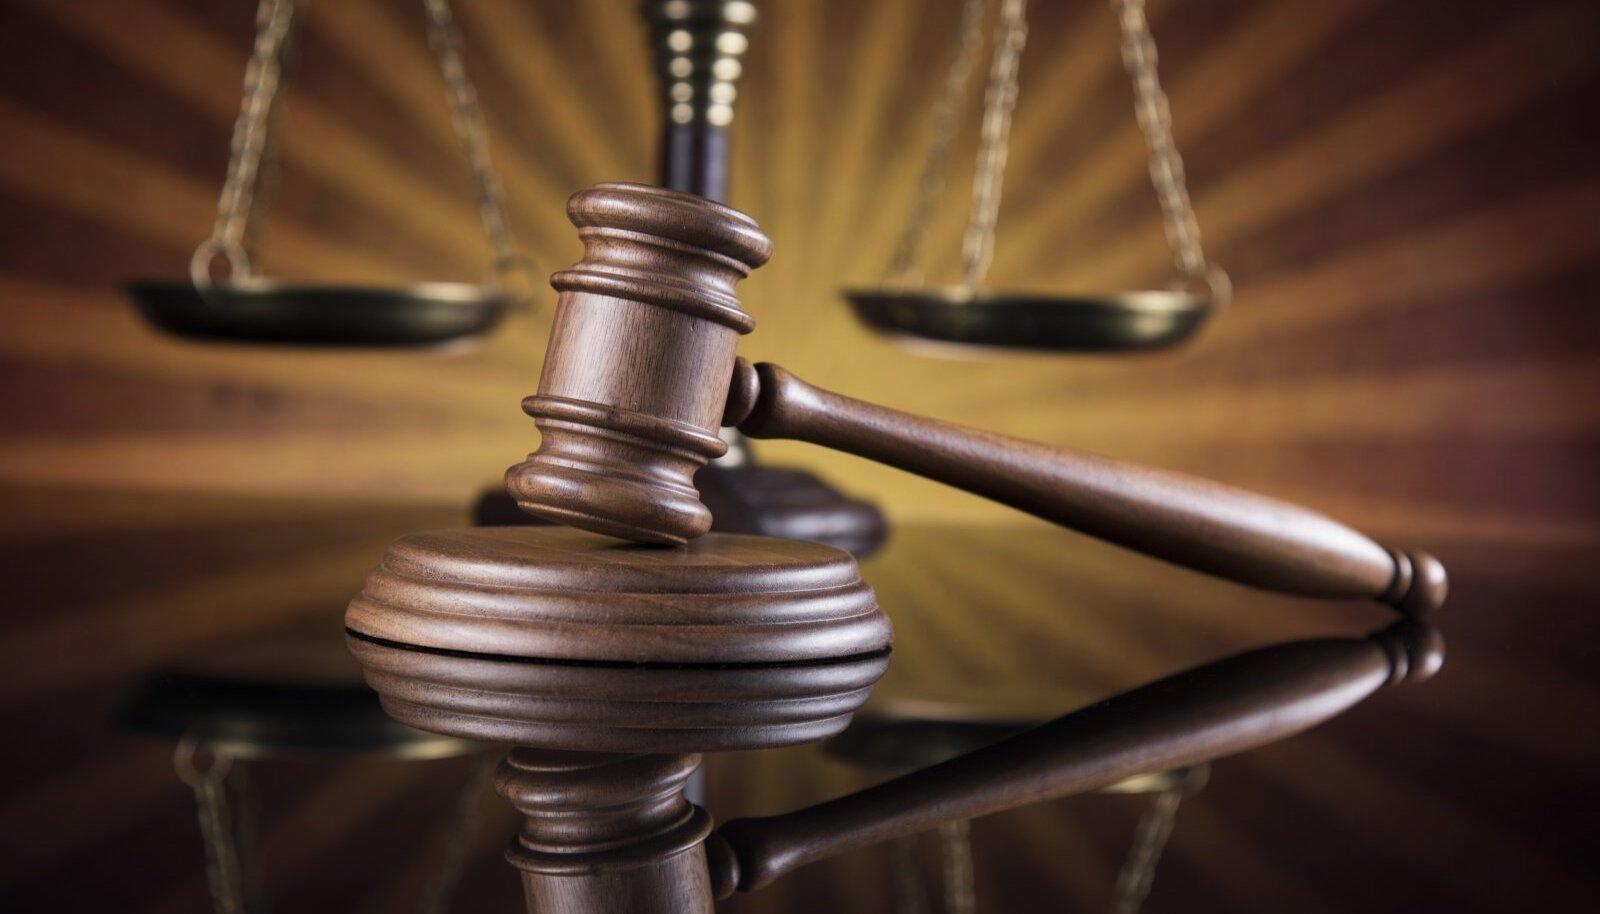 Isegi õiguskantsler Ülle Madise on leidnud, et ähvarduste sidumine kriminaalkaristusega võib tekitada ühiskonnas lisaprobleeme.